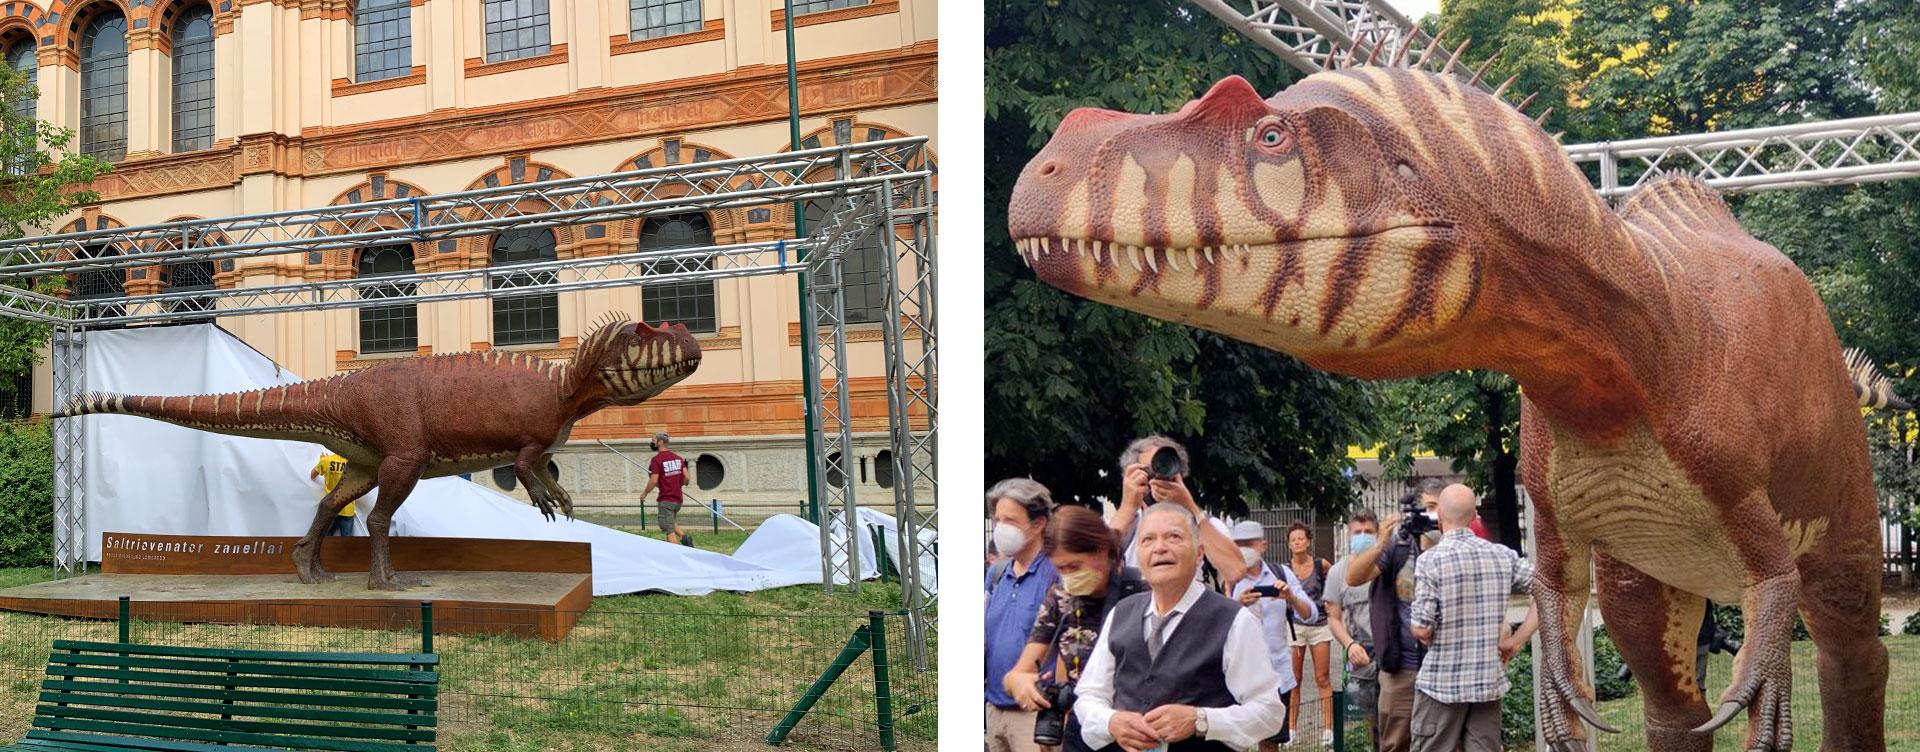 Nuova mascotte per il Museo di Storia Naturale di Milano